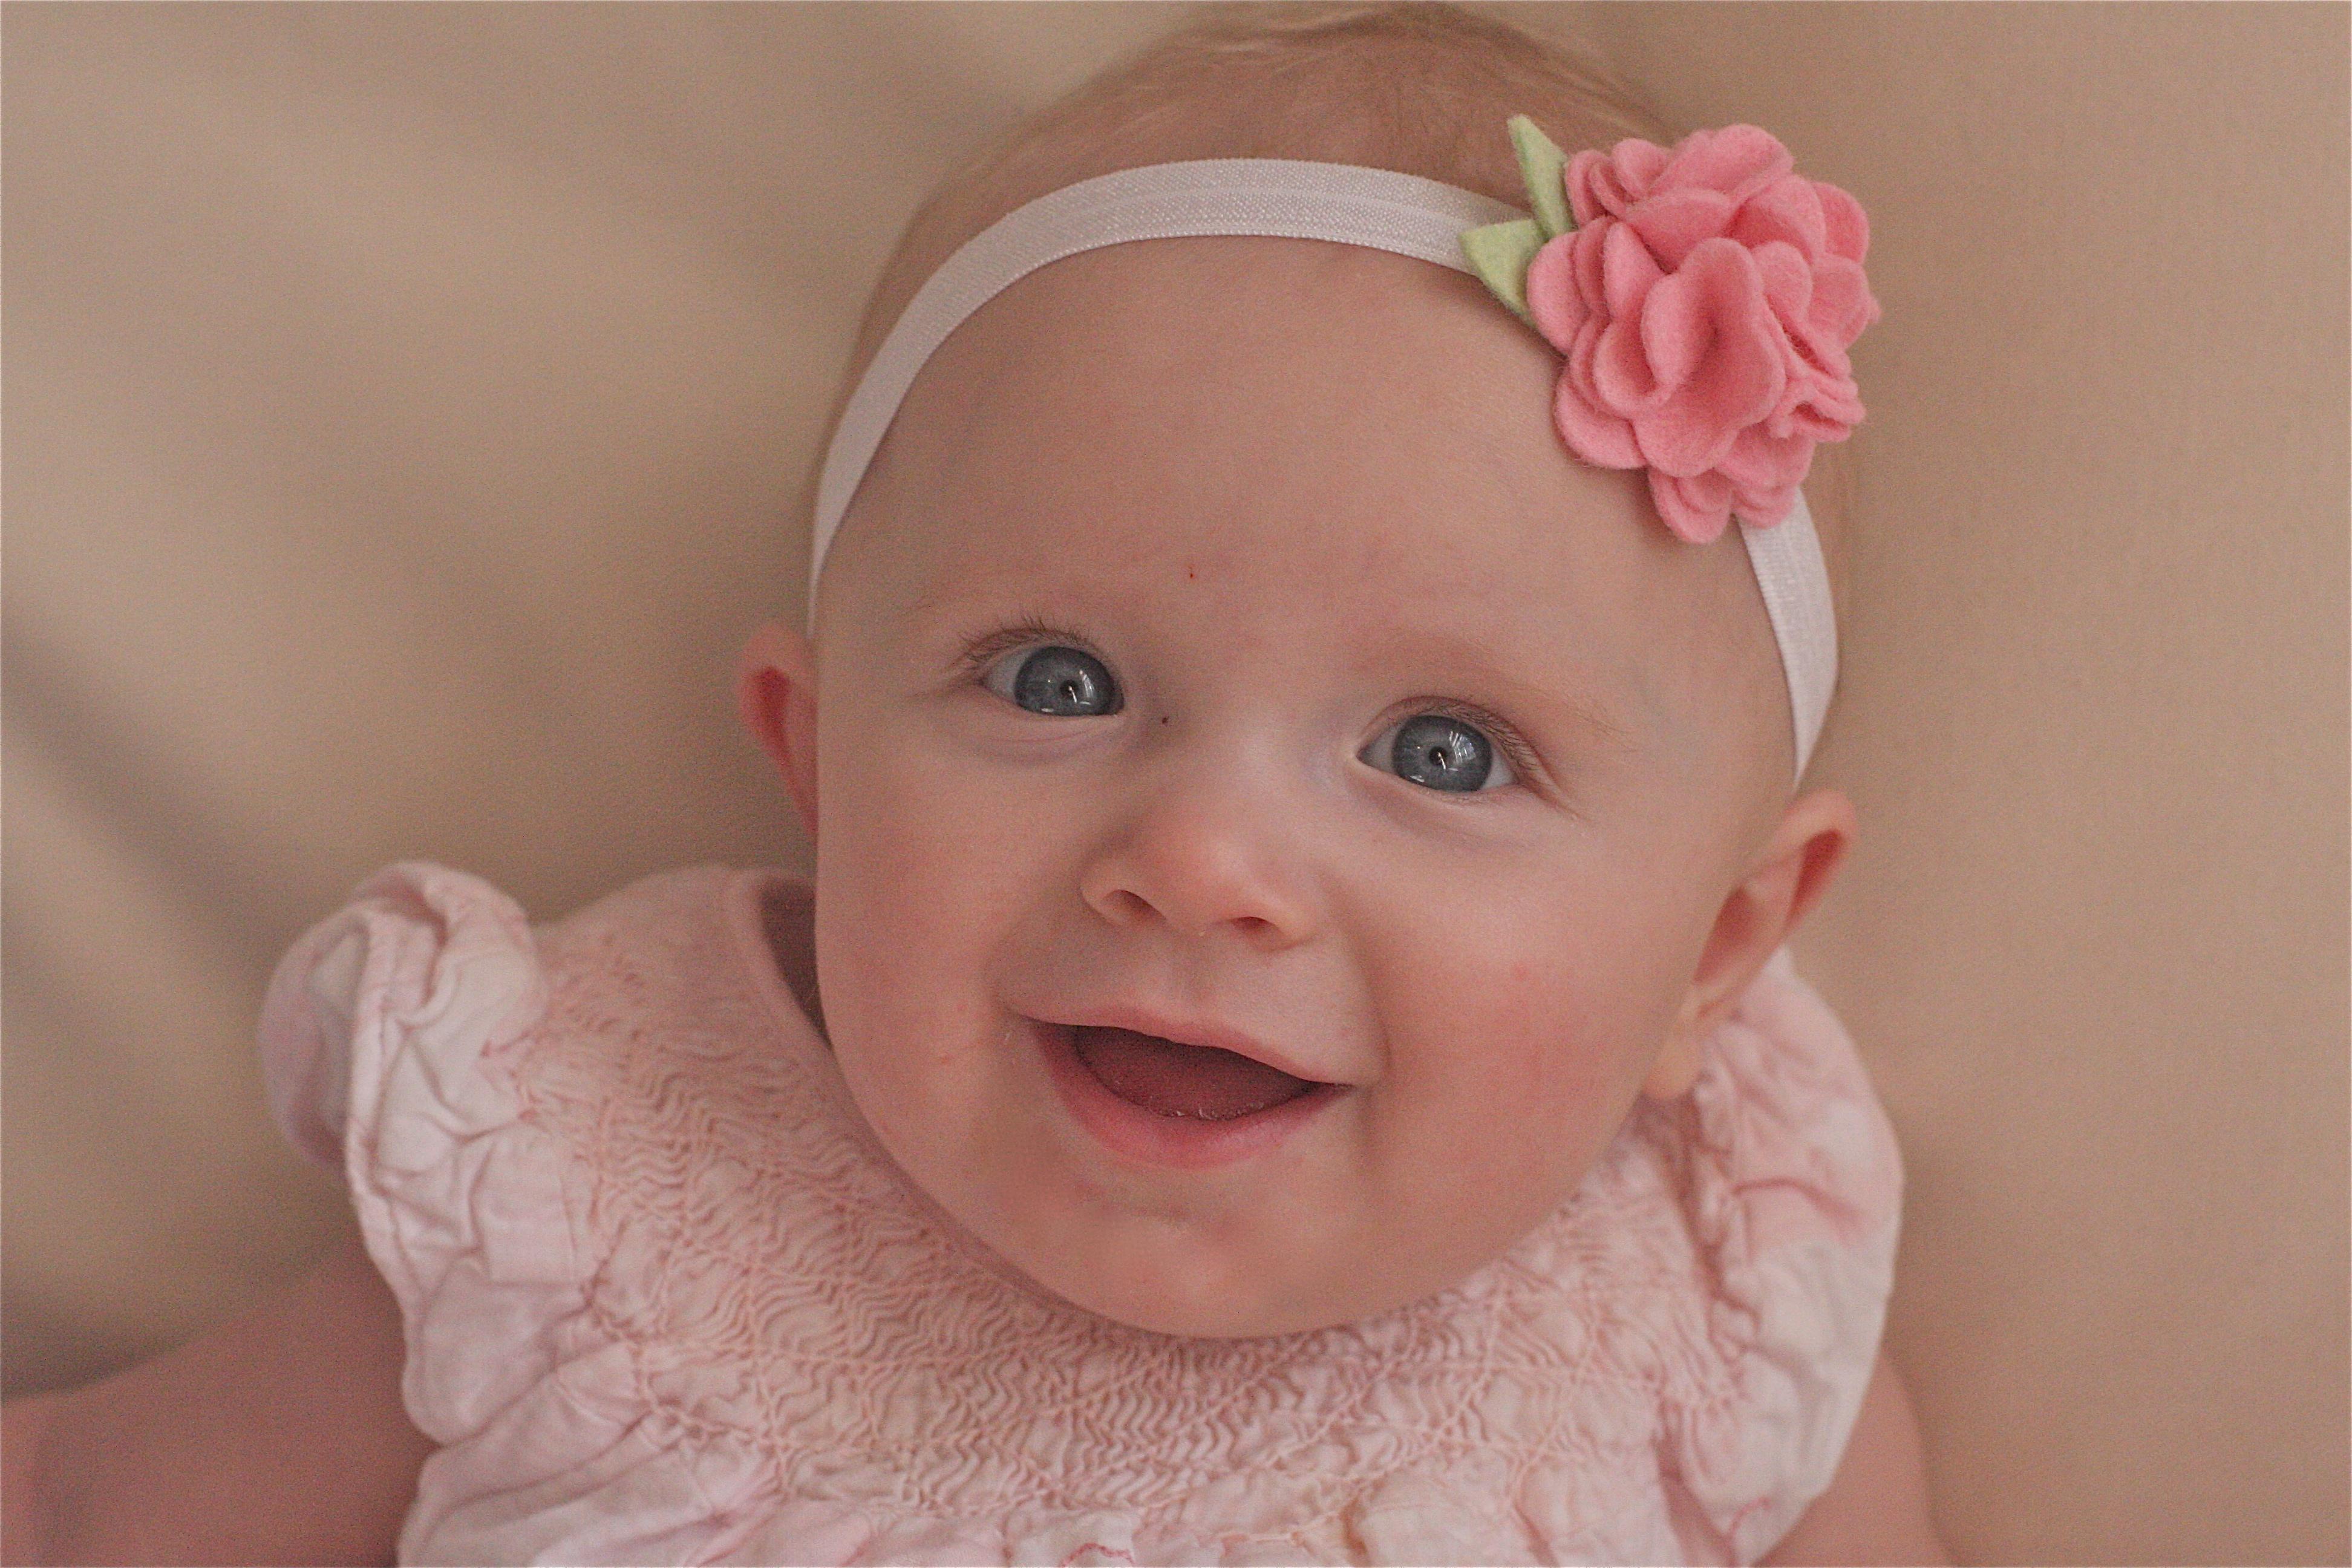 У ребенка в год нет зубов. Это нормально?